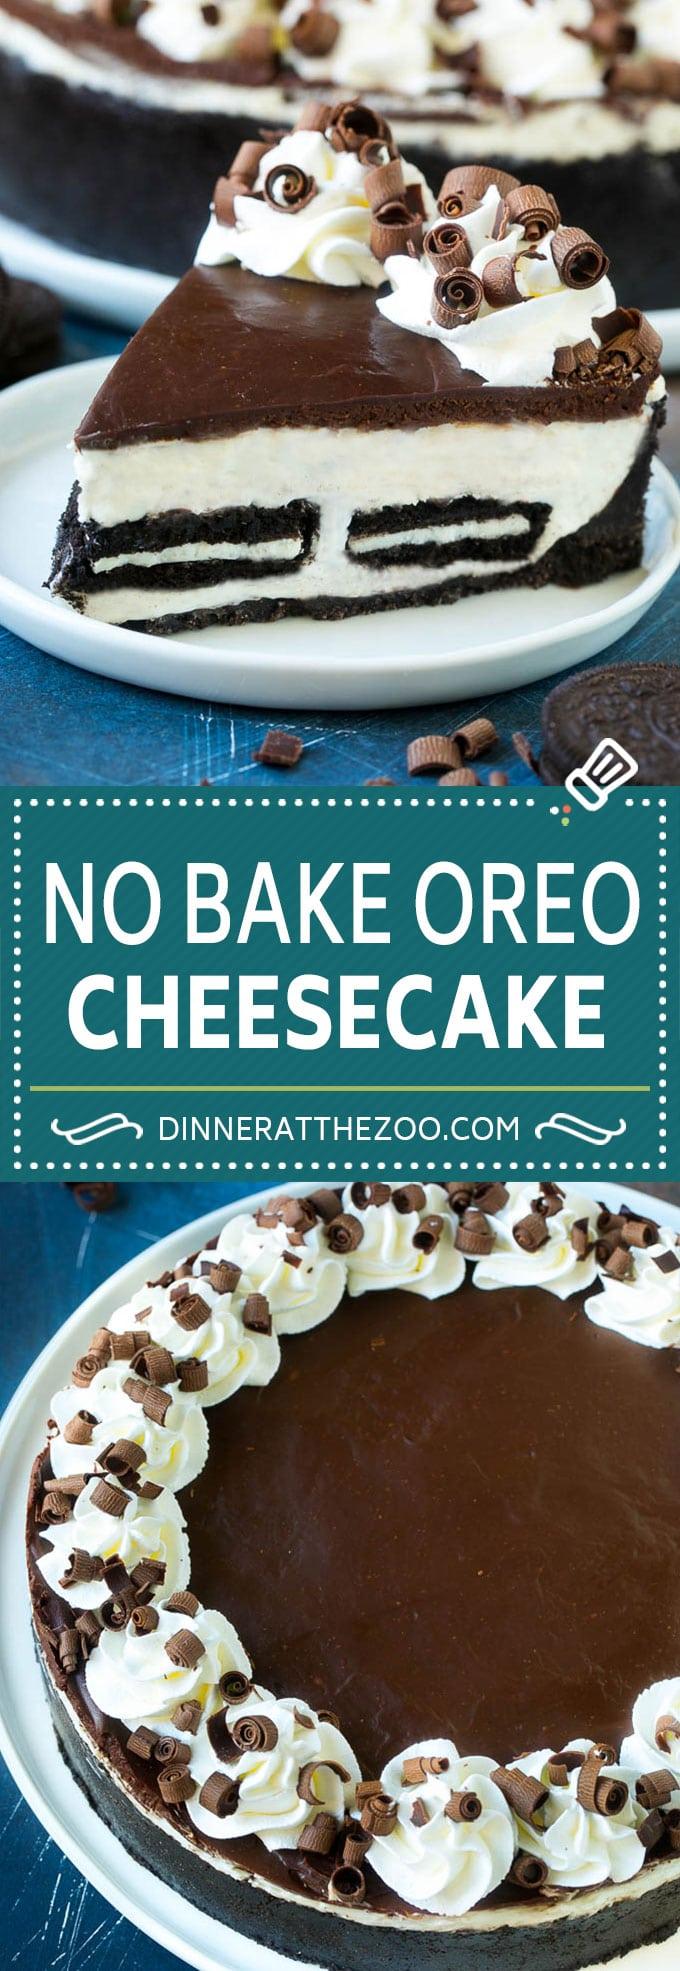 Oreo Cheesecake Recipe | No Bake Oreo Cheesecake | No Bake Cheesecake #cheesecake #oreo #chocolate #nobake #dessert #dinneratthezoo